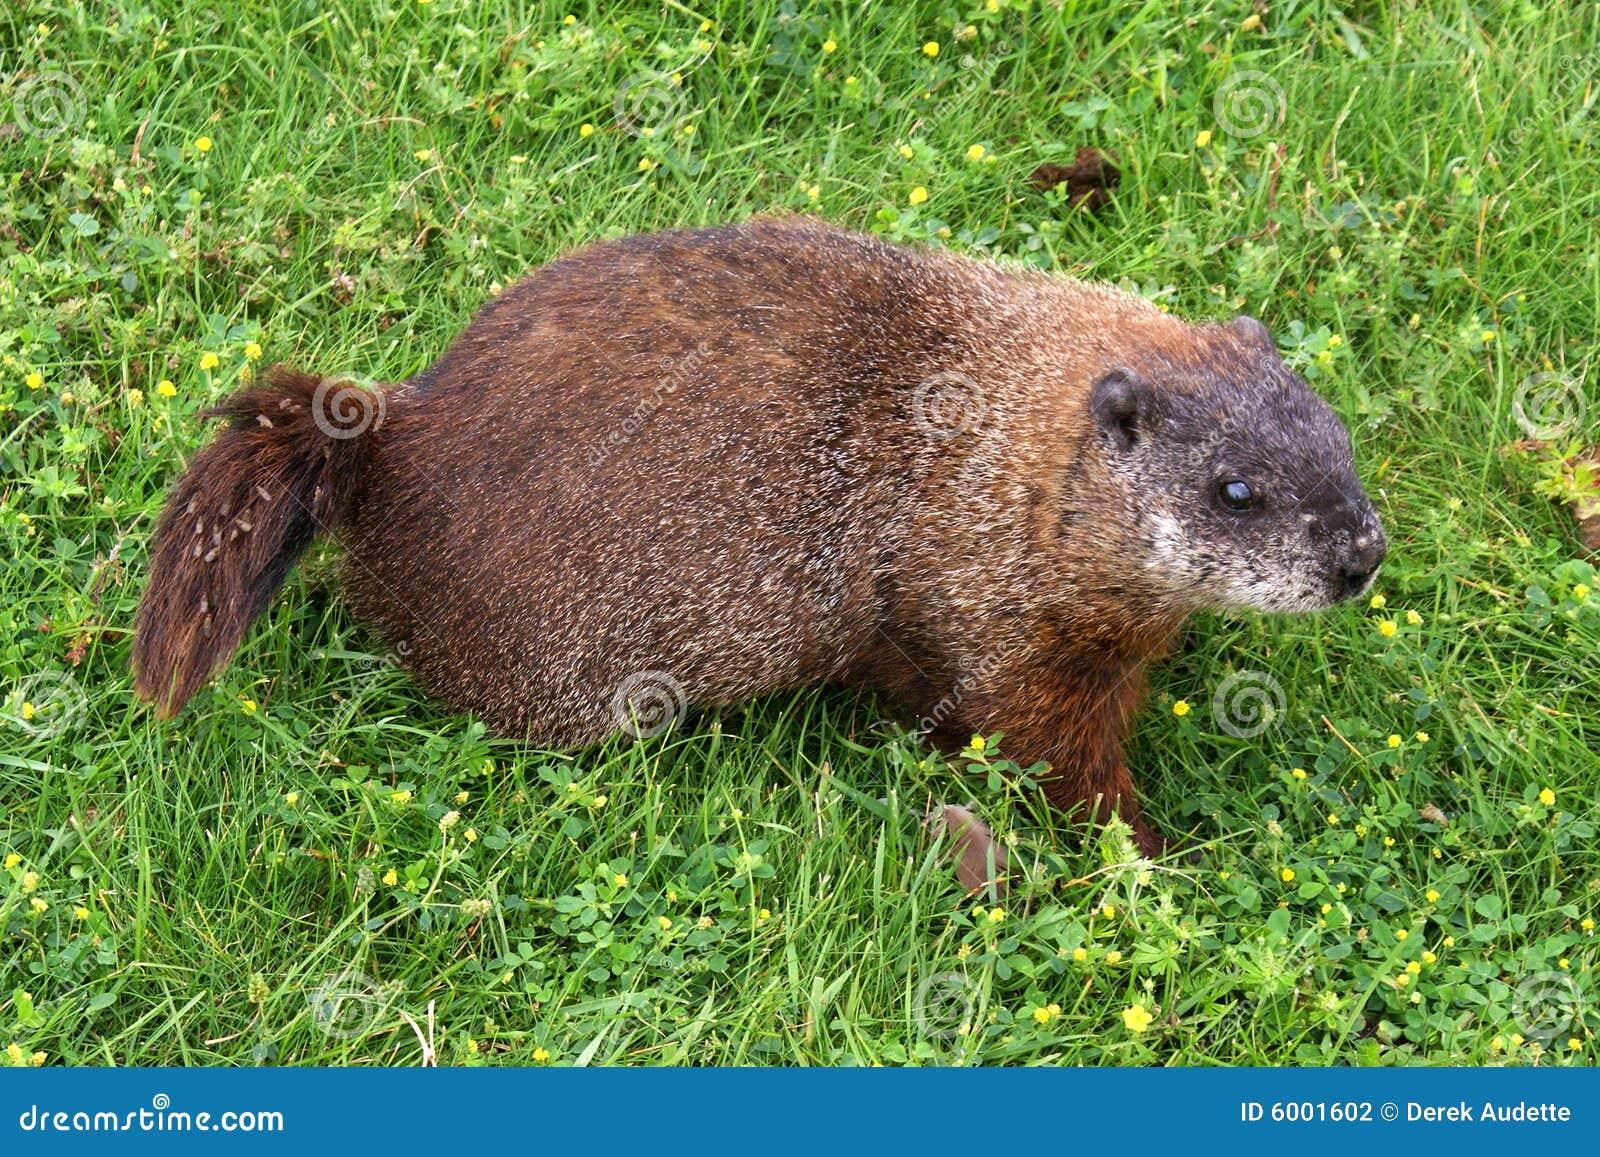 groundhog woodchuck stock photography image 6001602